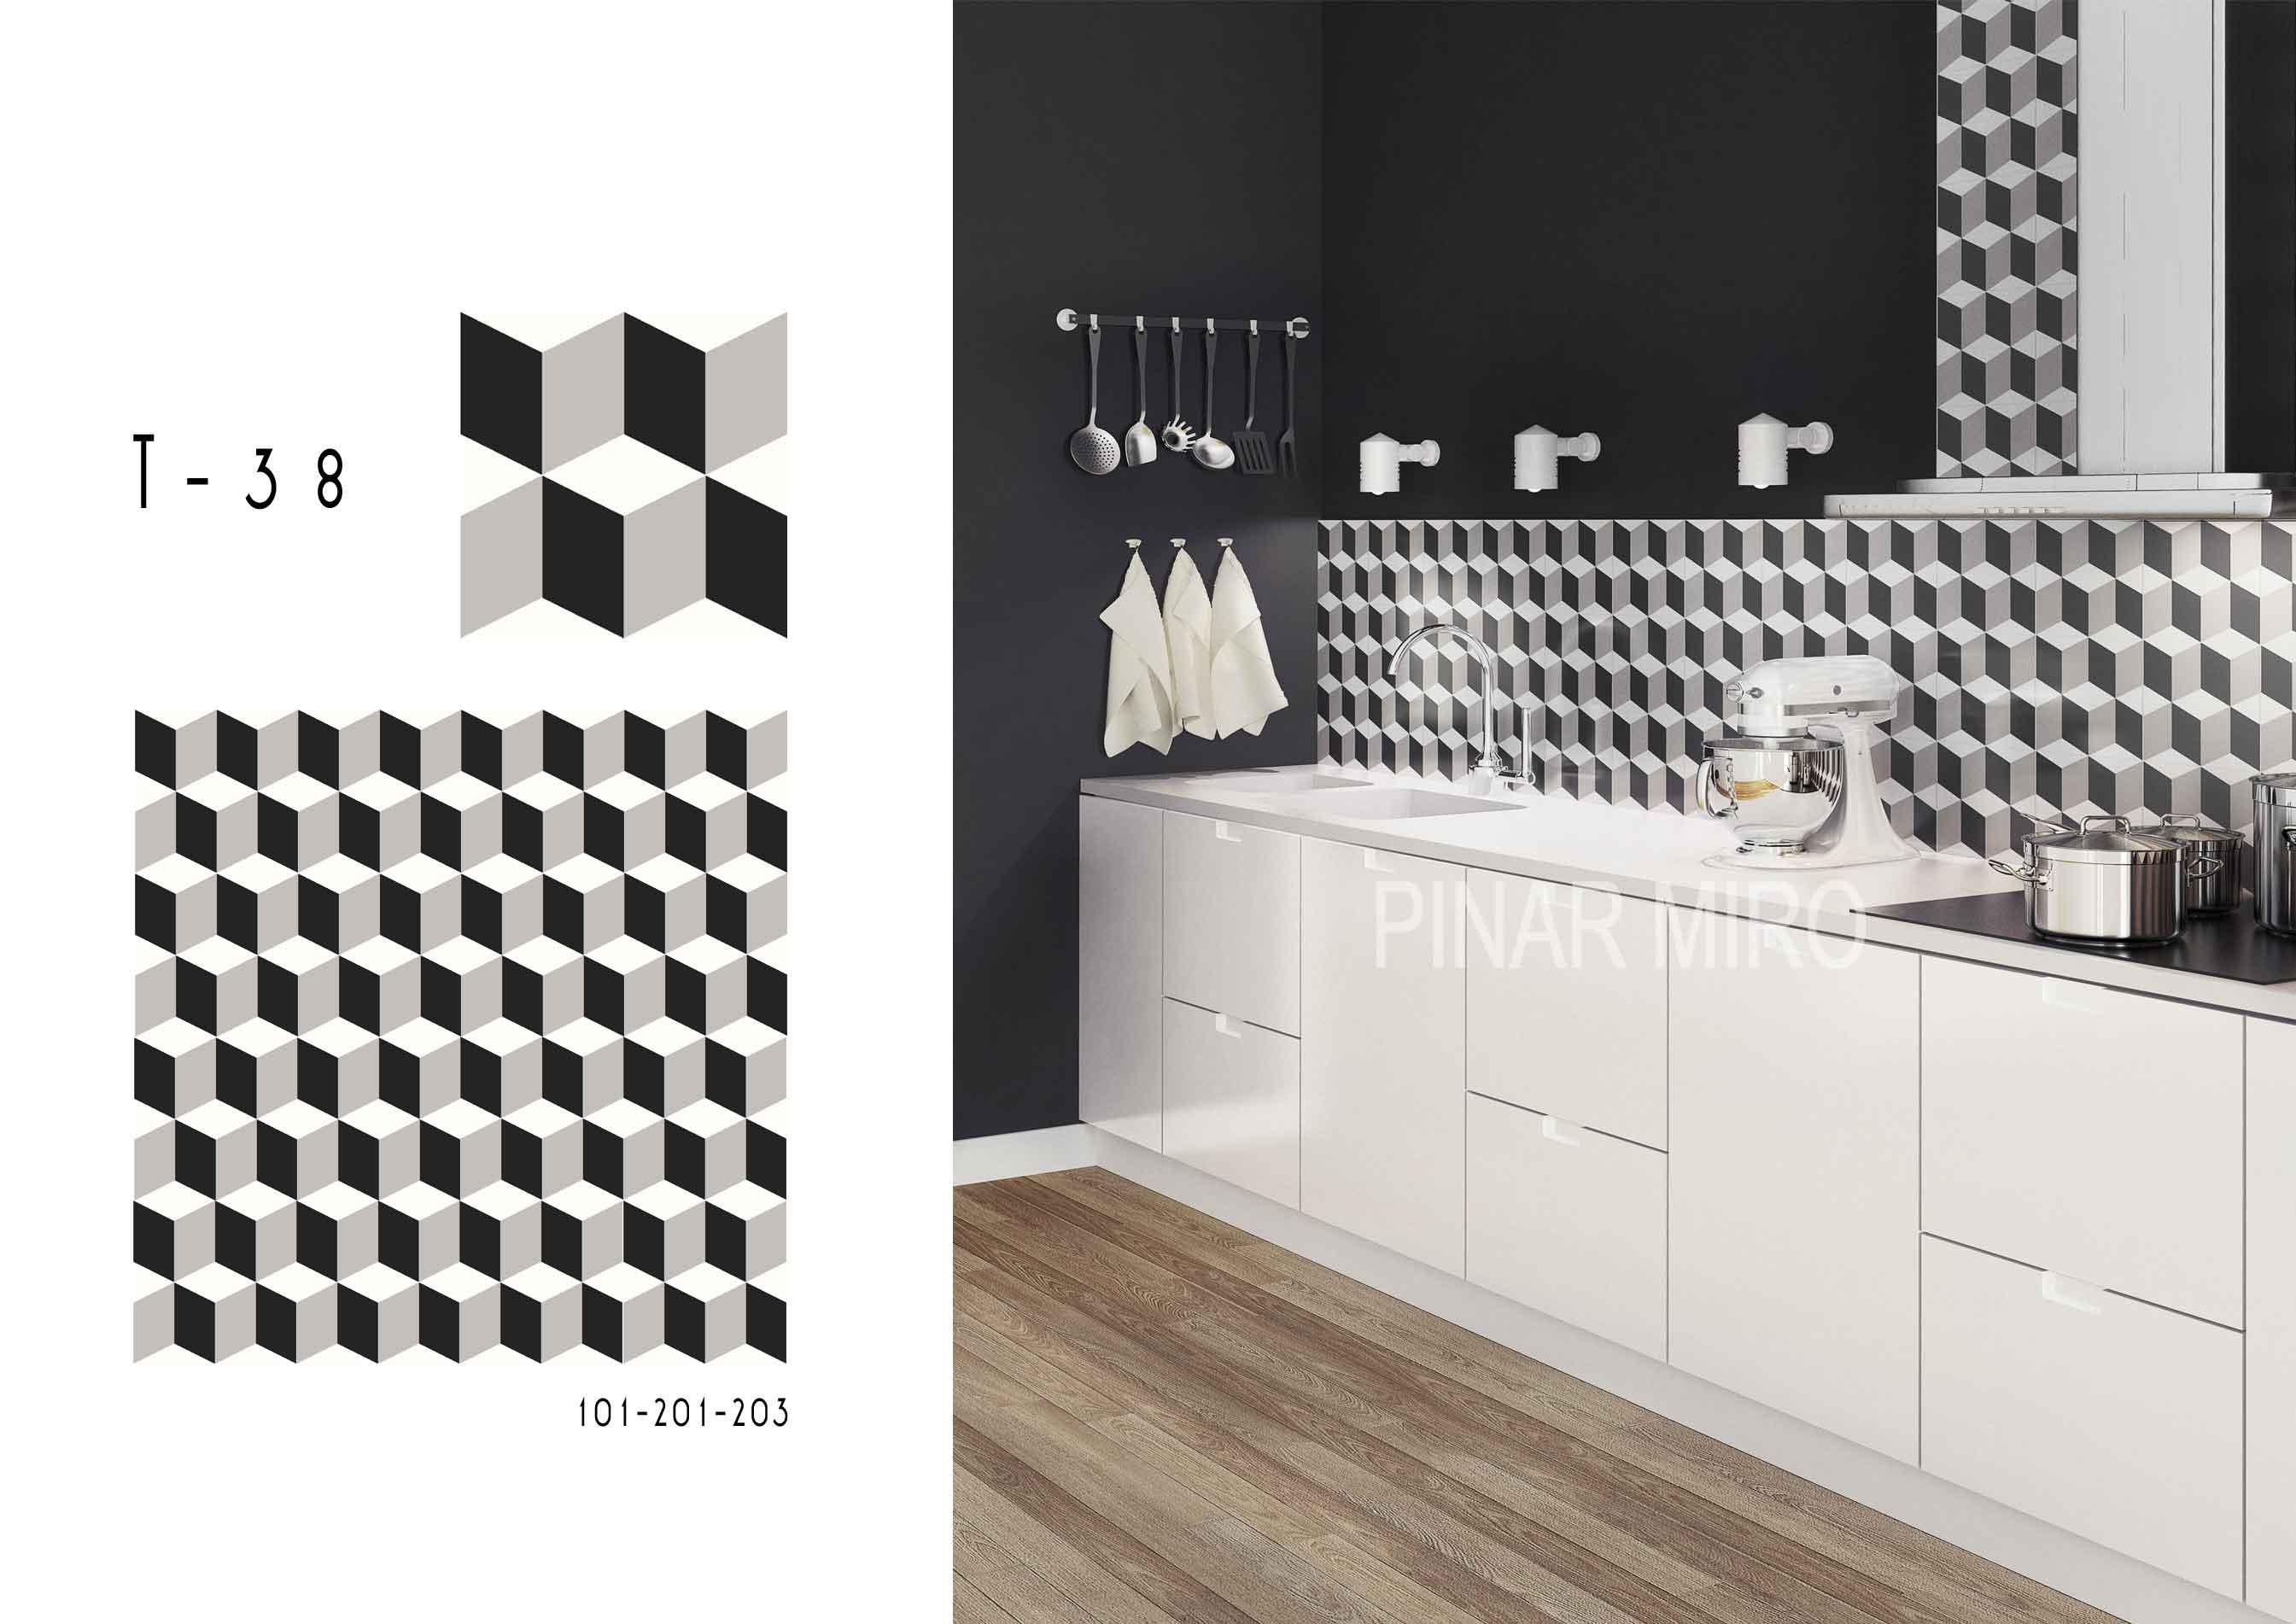 1t038-pinar-miro-cement-tiles